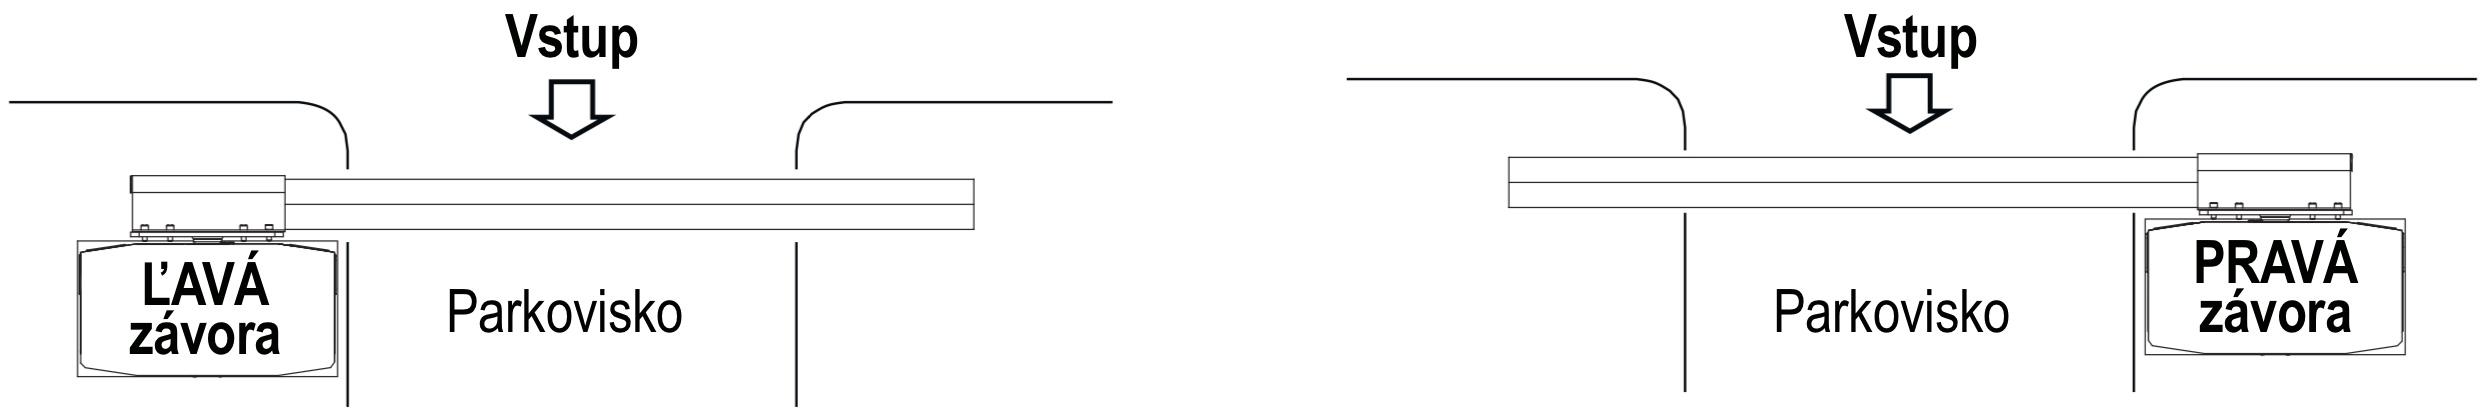 CAME G3750 závora - orientácia